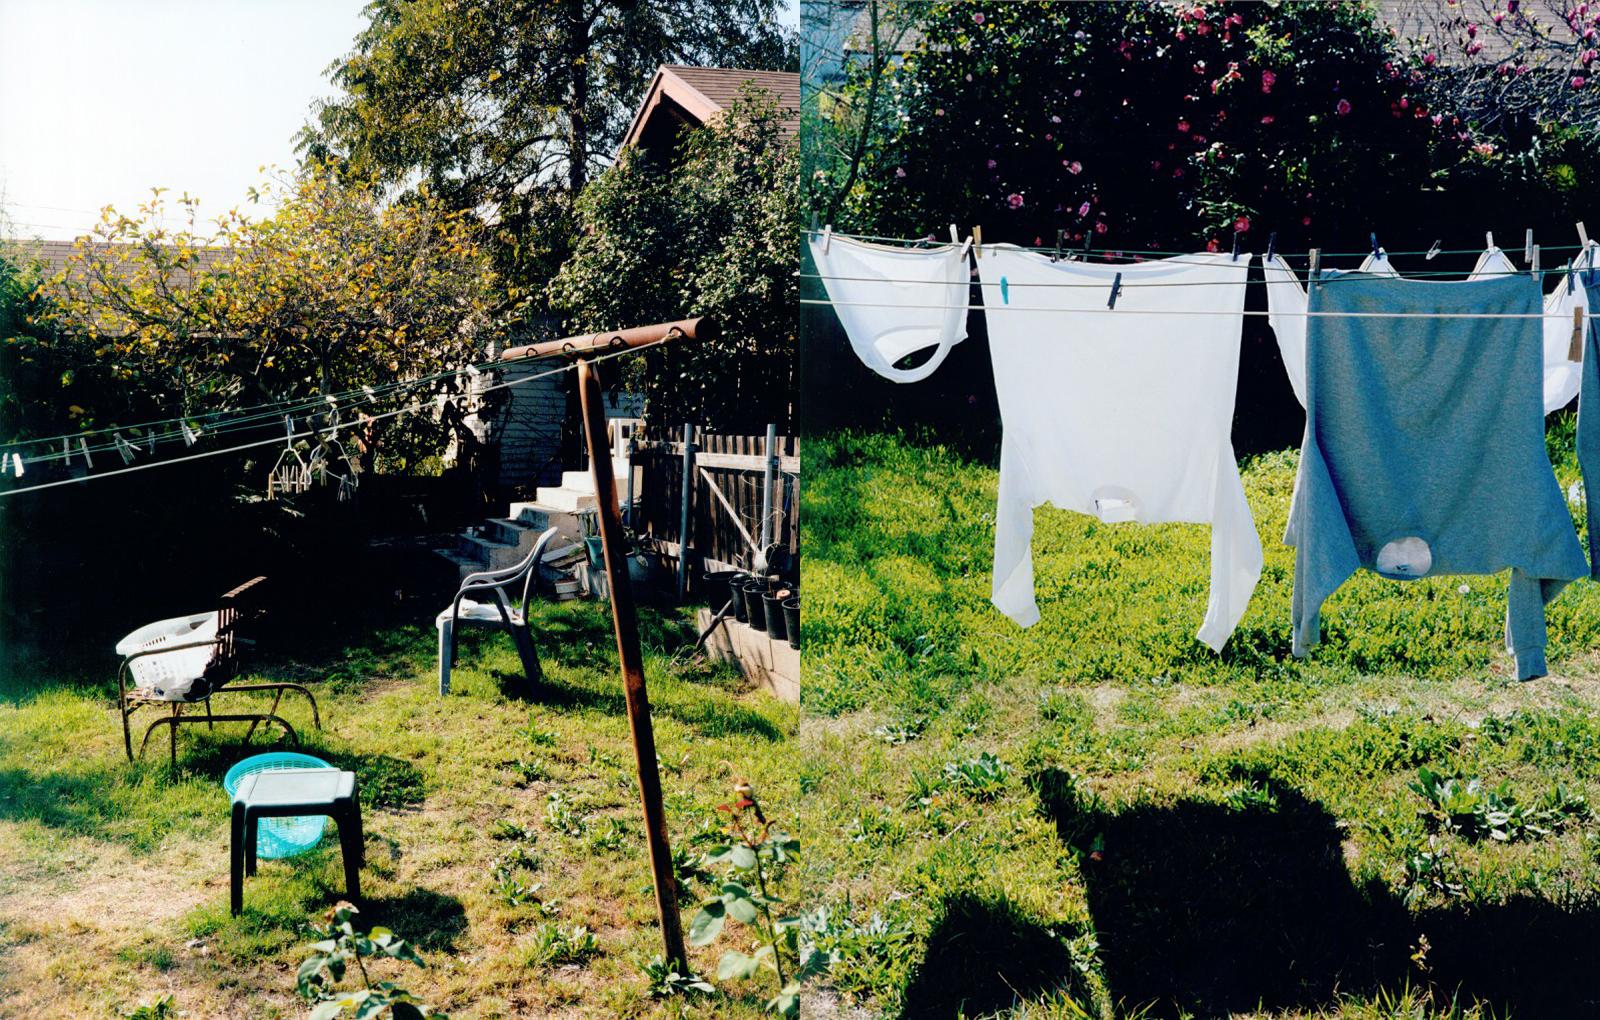 ec_backyard_44-45.jpg